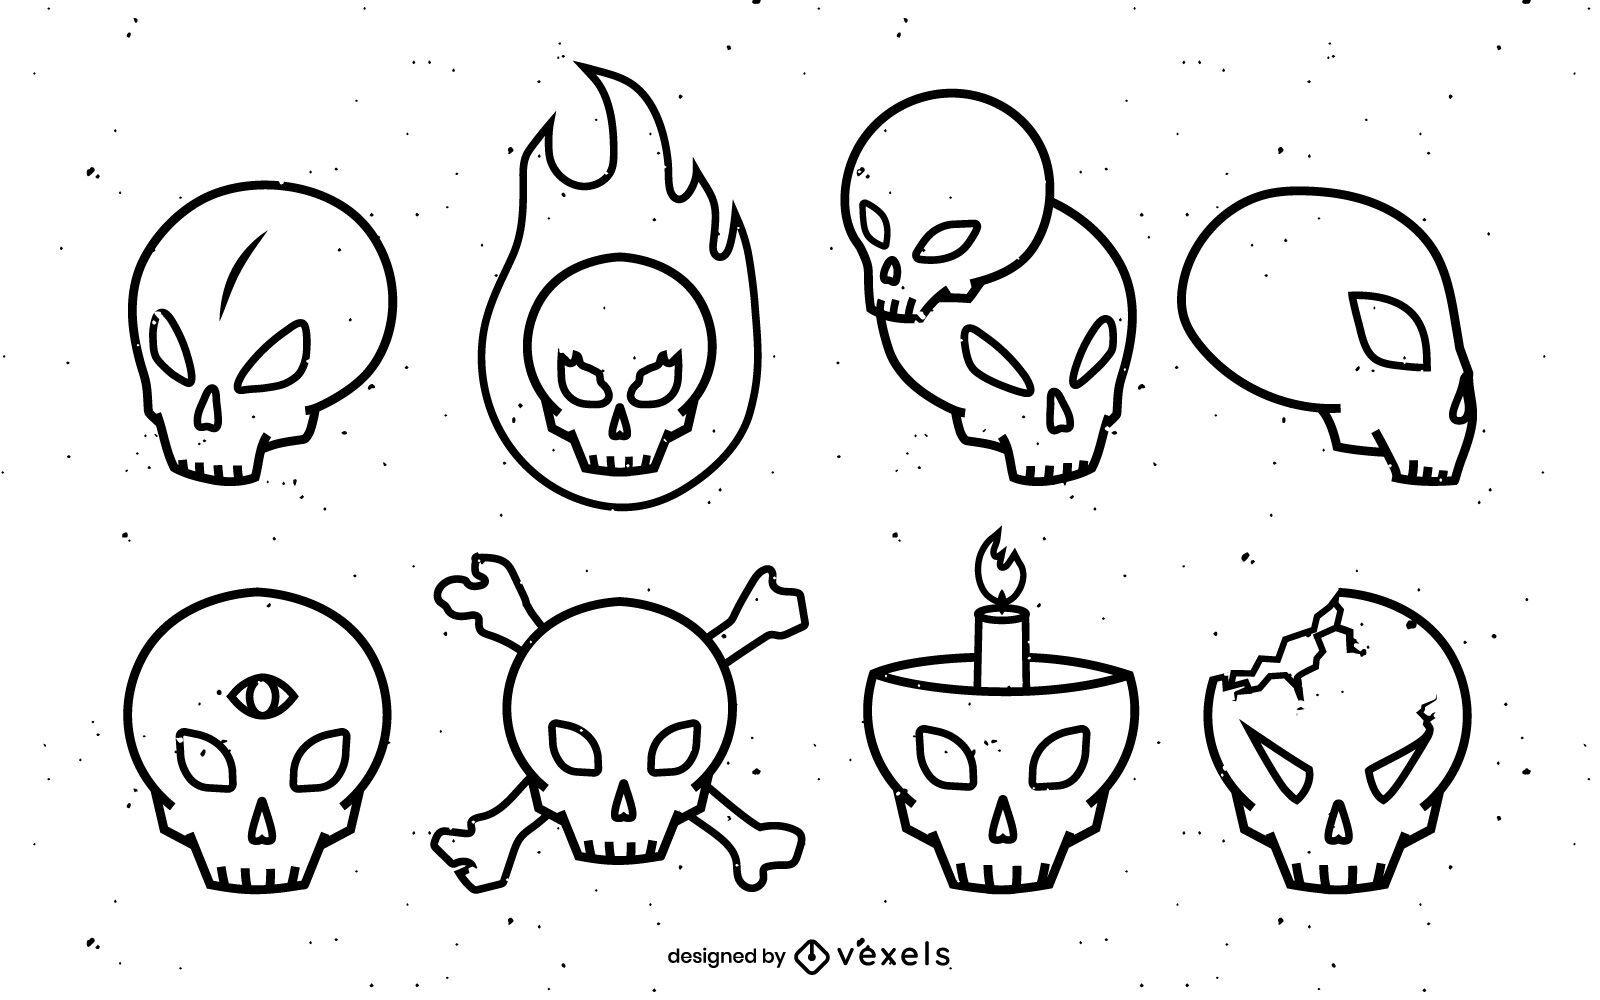 Skull stroke set design